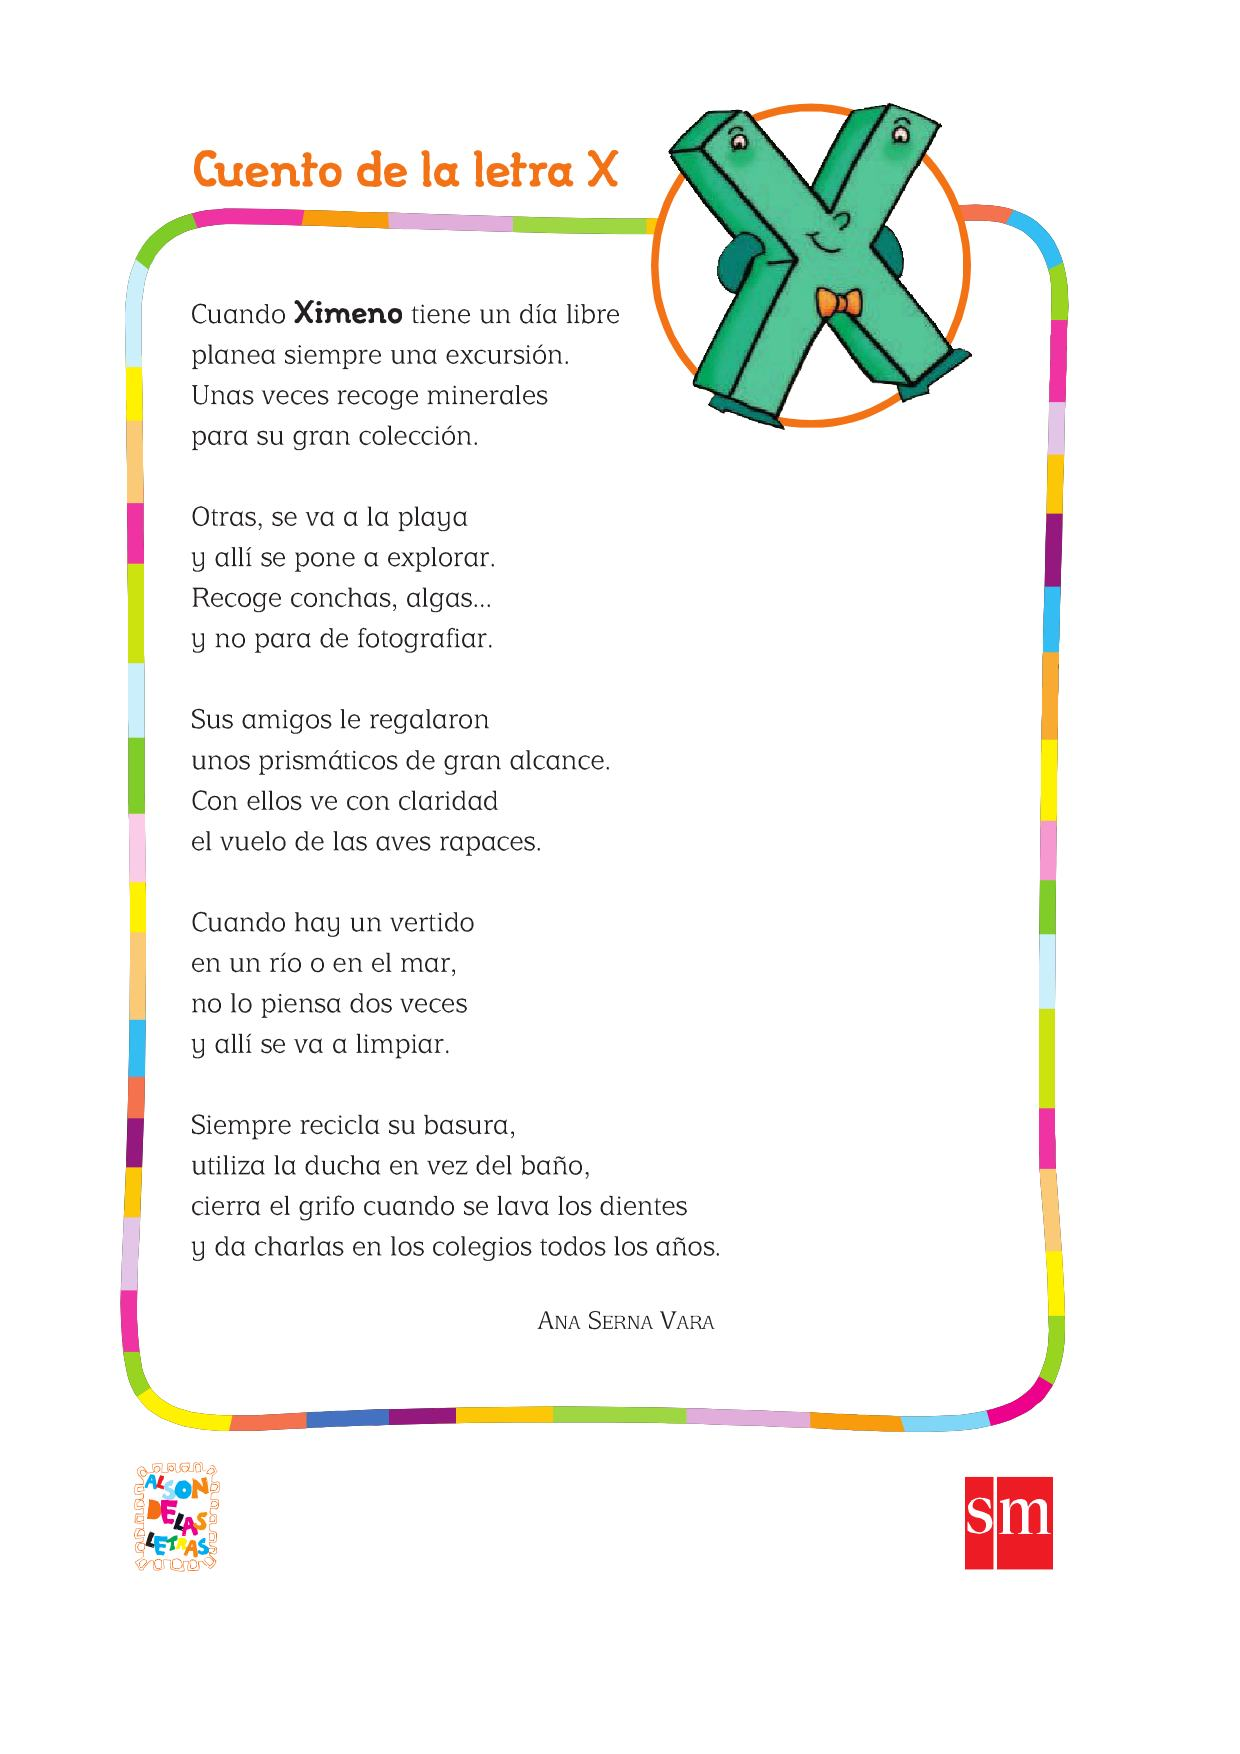 Cuentos >> cuento-con-la-letra-x - Orientación Andújar - Recursos Educativos